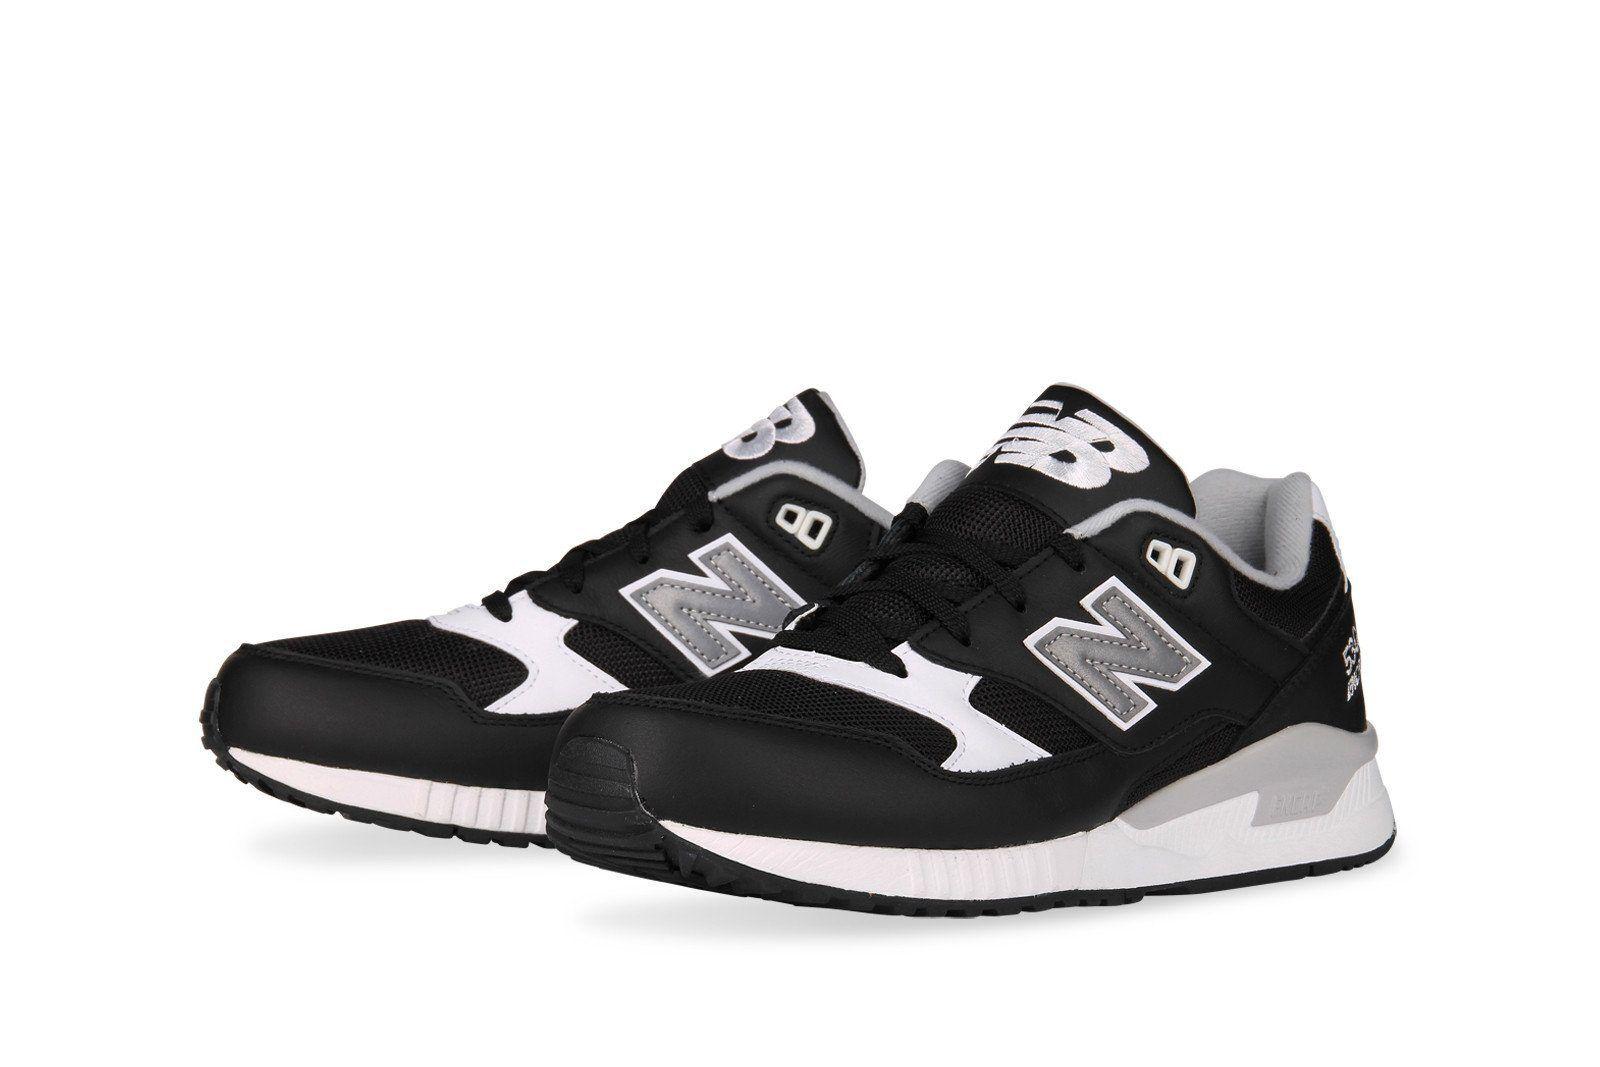 99 pennino uomini nuovo equilibrio 530 90 'di 311 pelle retro m530lgb scarpe 311 'di 999 nero bdcbe4